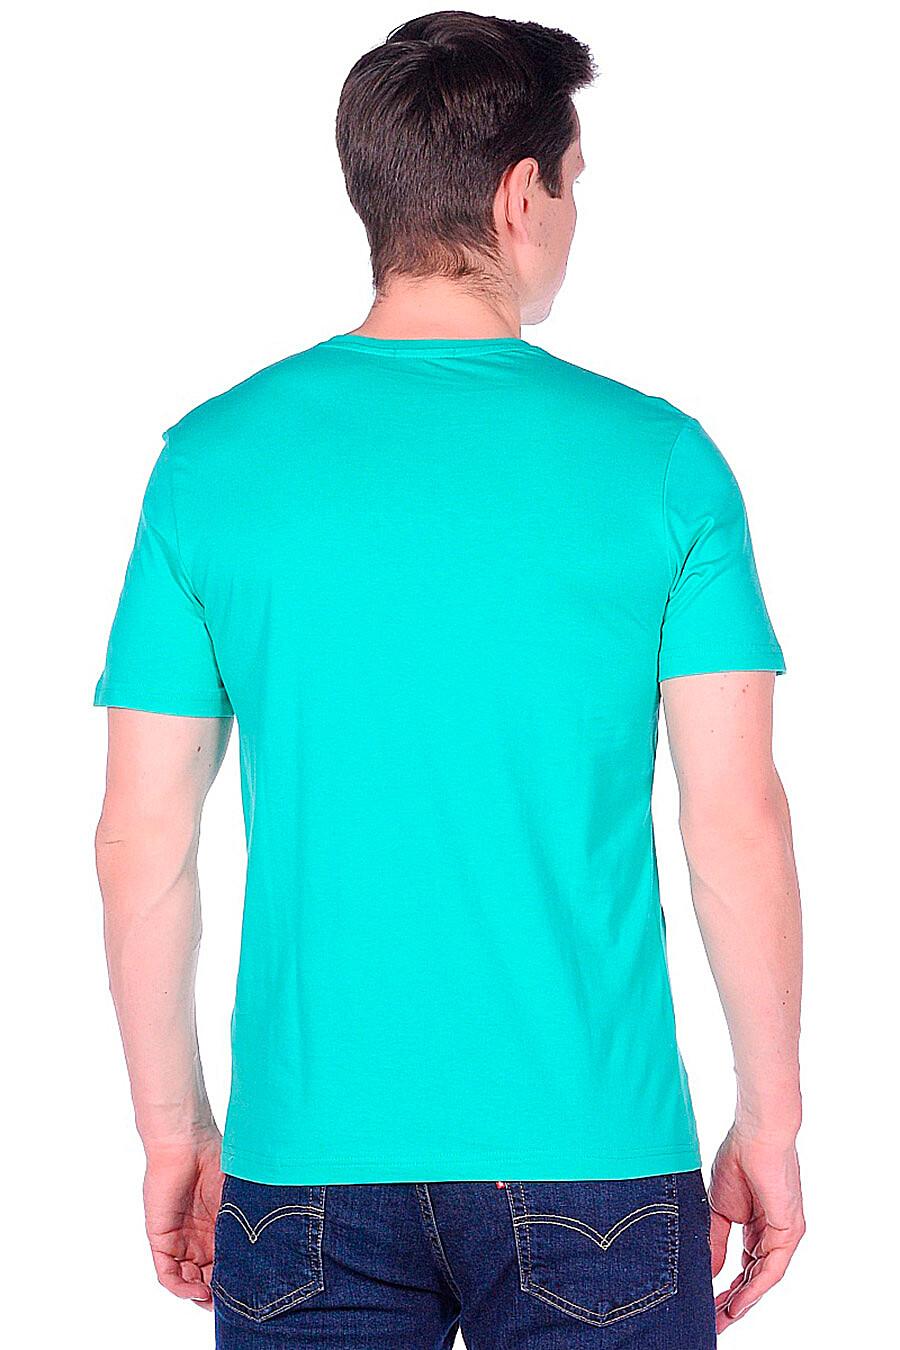 Футболка для мужчин ROXY FOXY 700021 купить оптом от производителя. Совместная покупка мужской одежды в OptMoyo